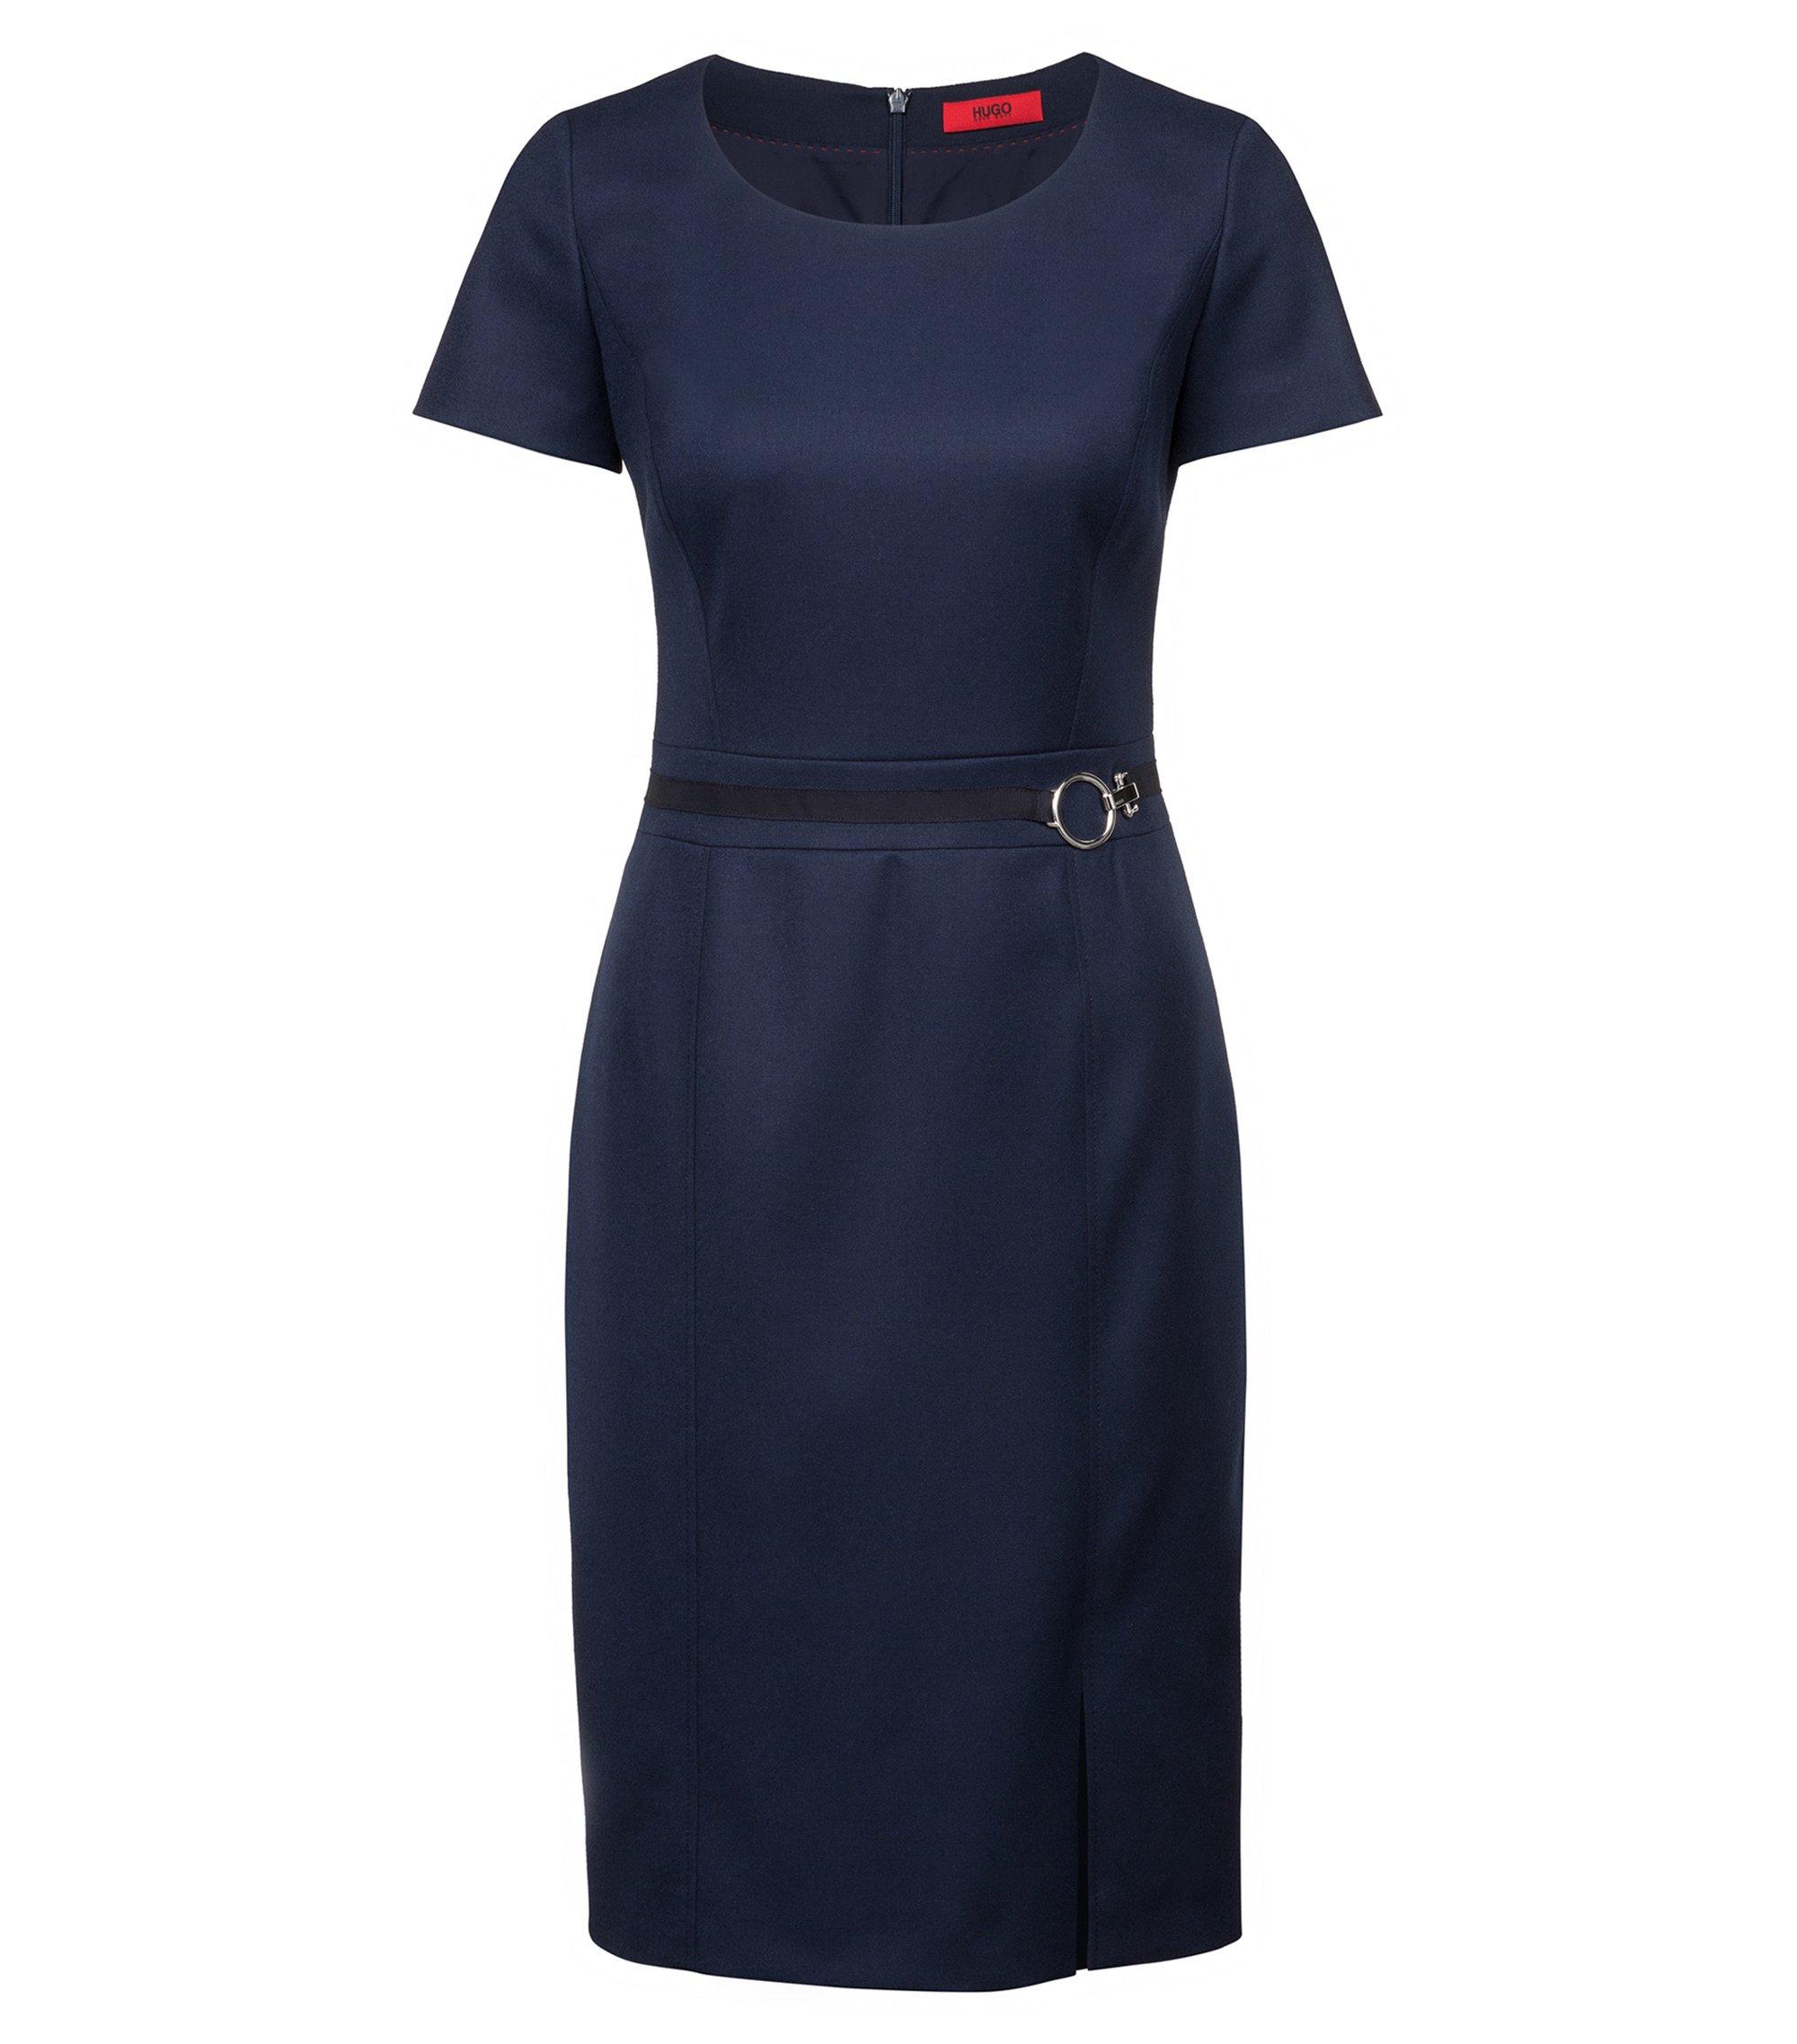 Vestido recto de manga corta con logo en la hebilla, Azul oscuro